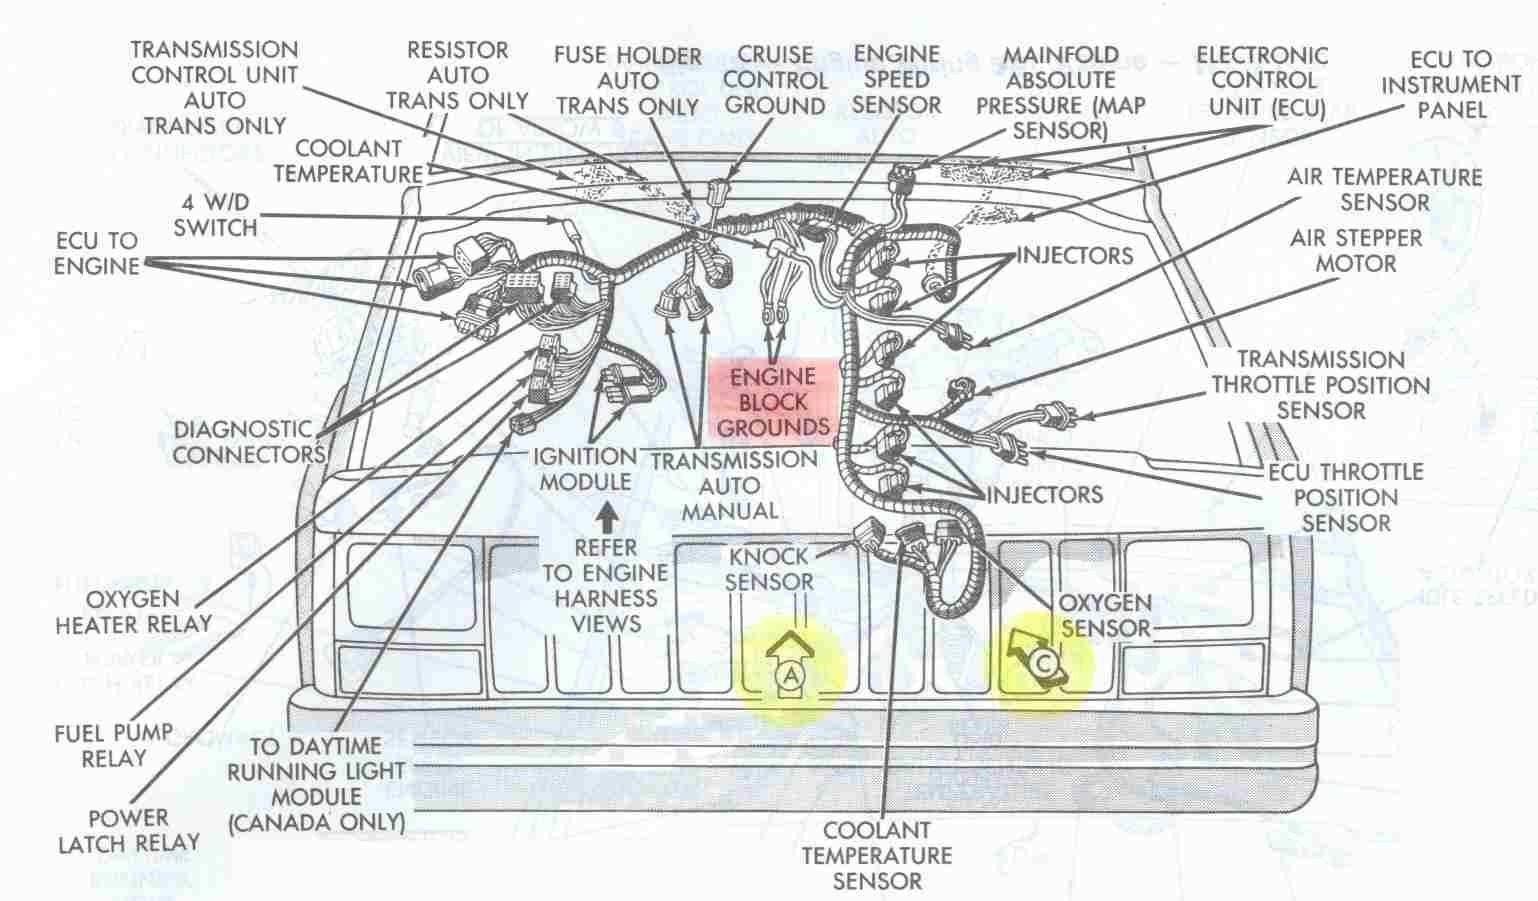 2003 Jeep Grand Cherokee Engine Wiring Diagram Wiring Diagram New Suck Gento Suck Gento Weimaranerzampadargento It